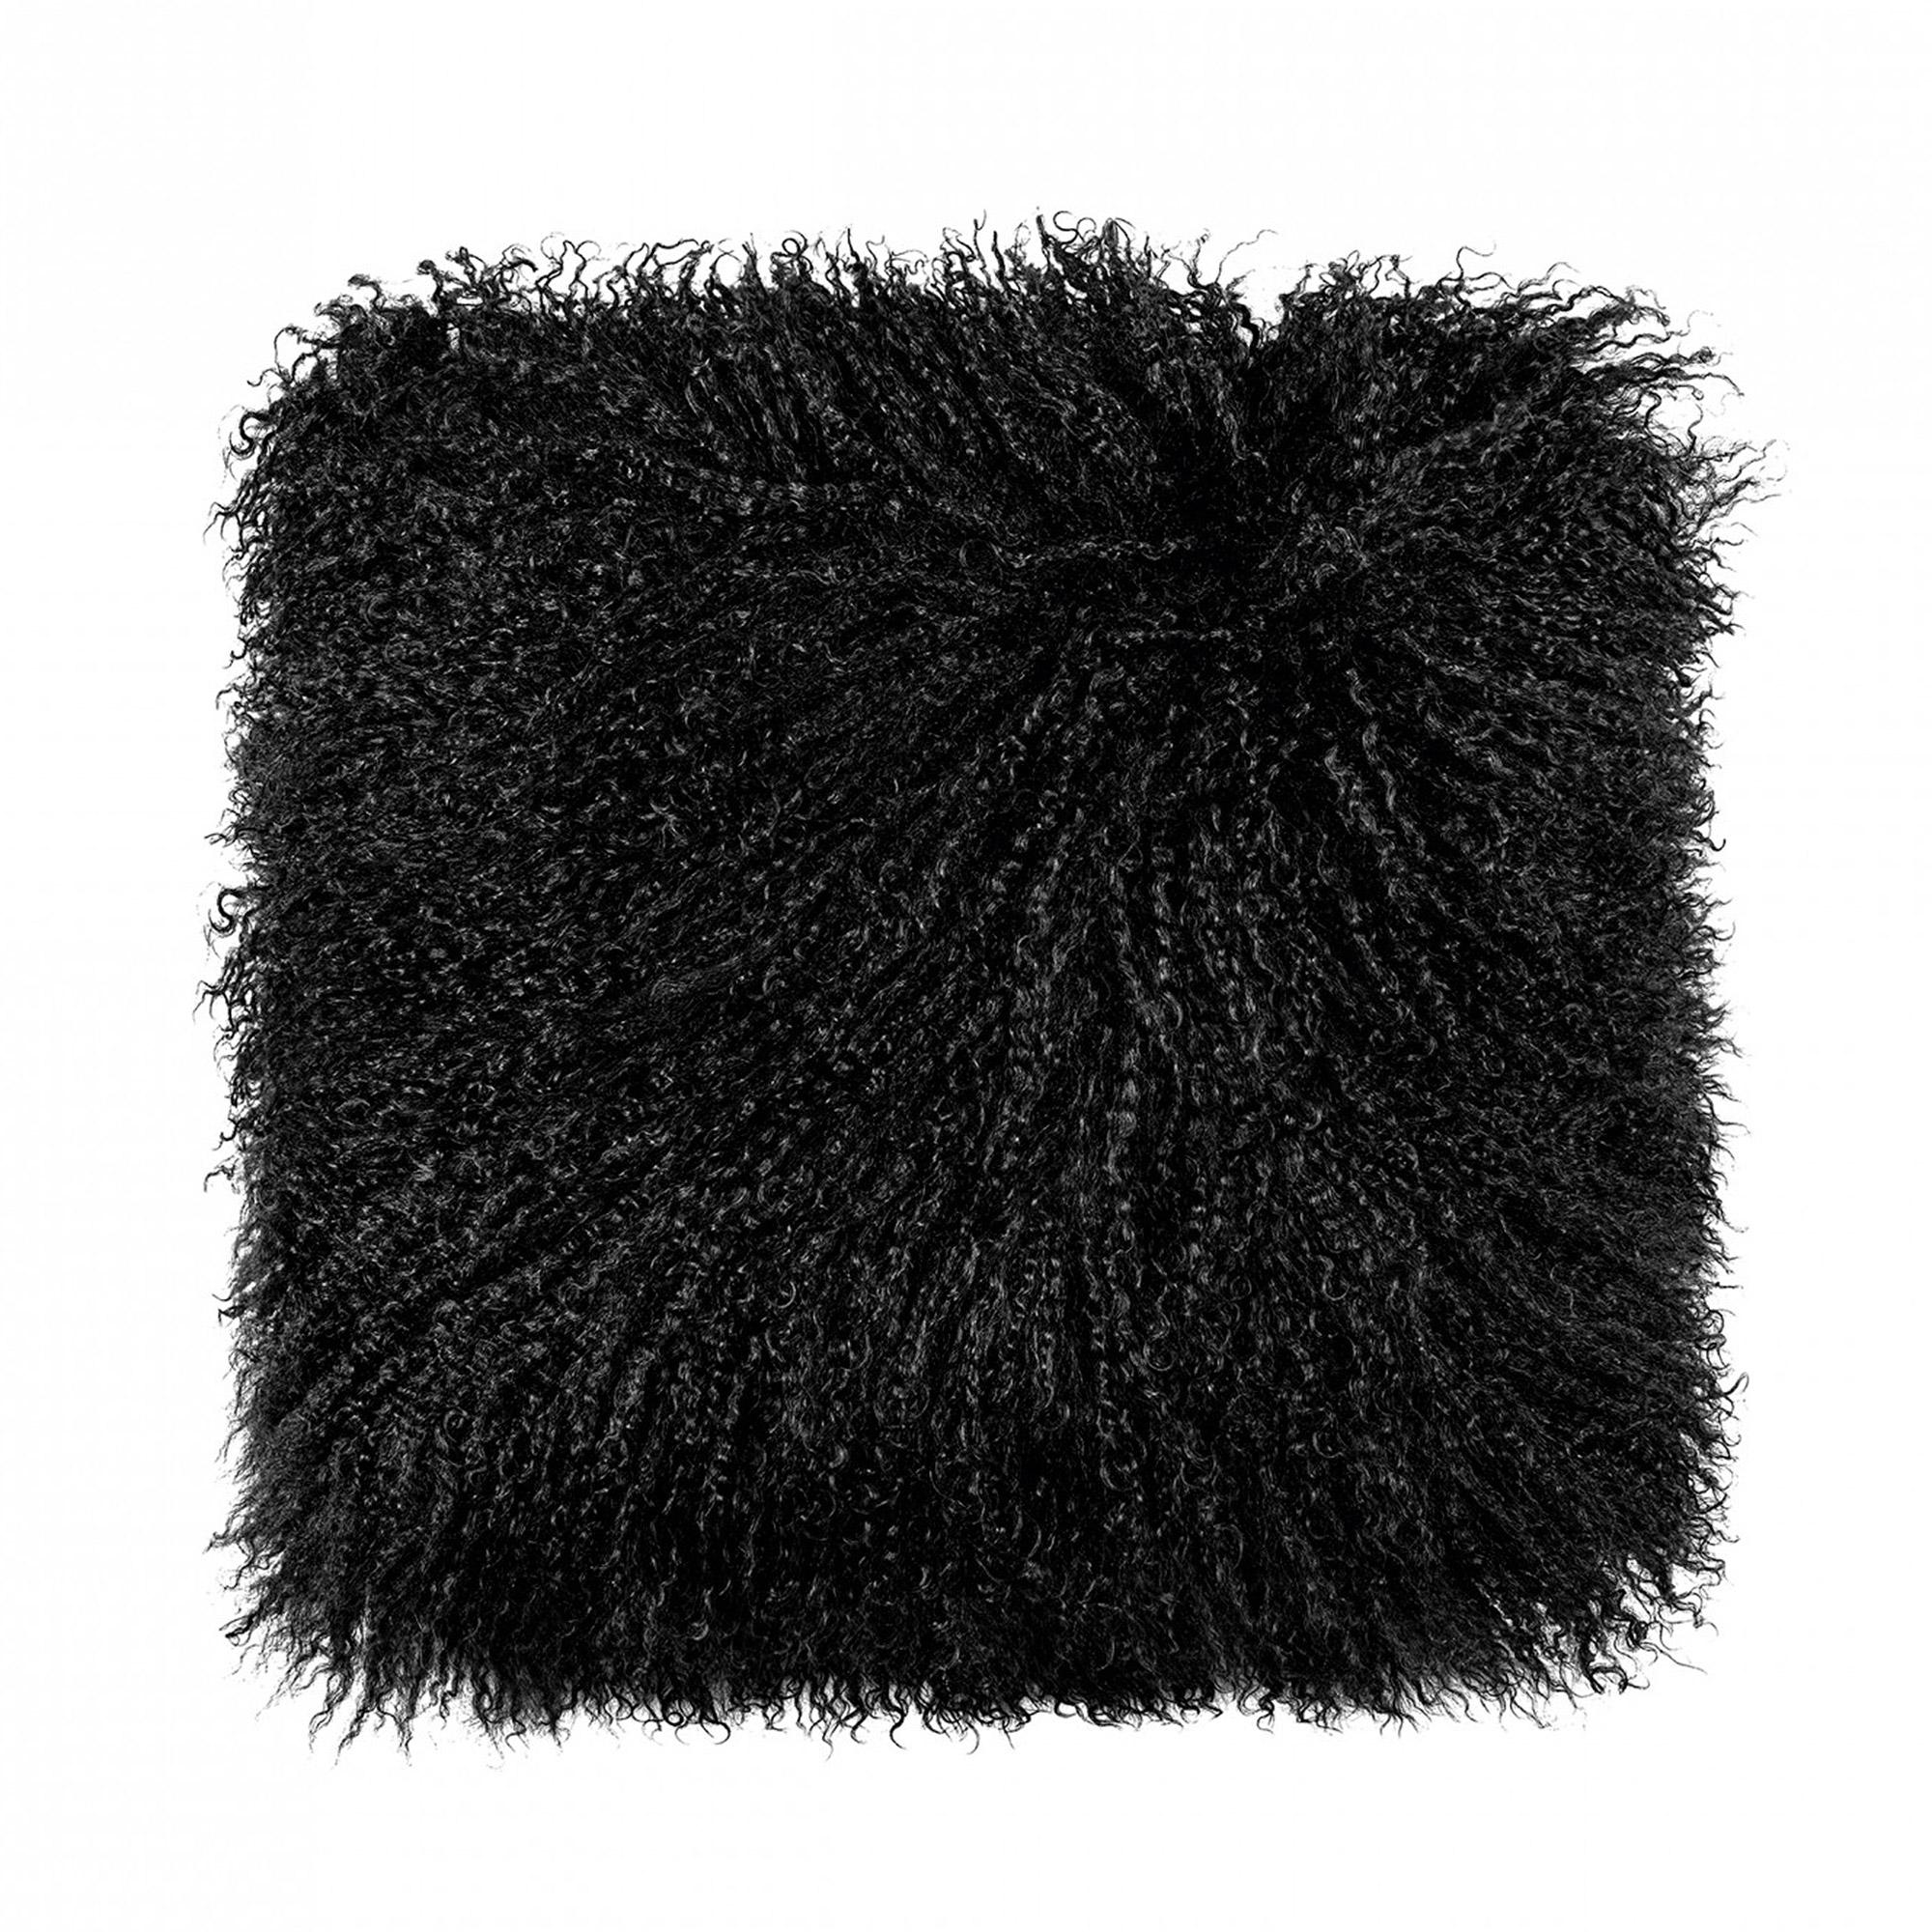 Подушка декоративная Togas Нордик меховая черная 40x40